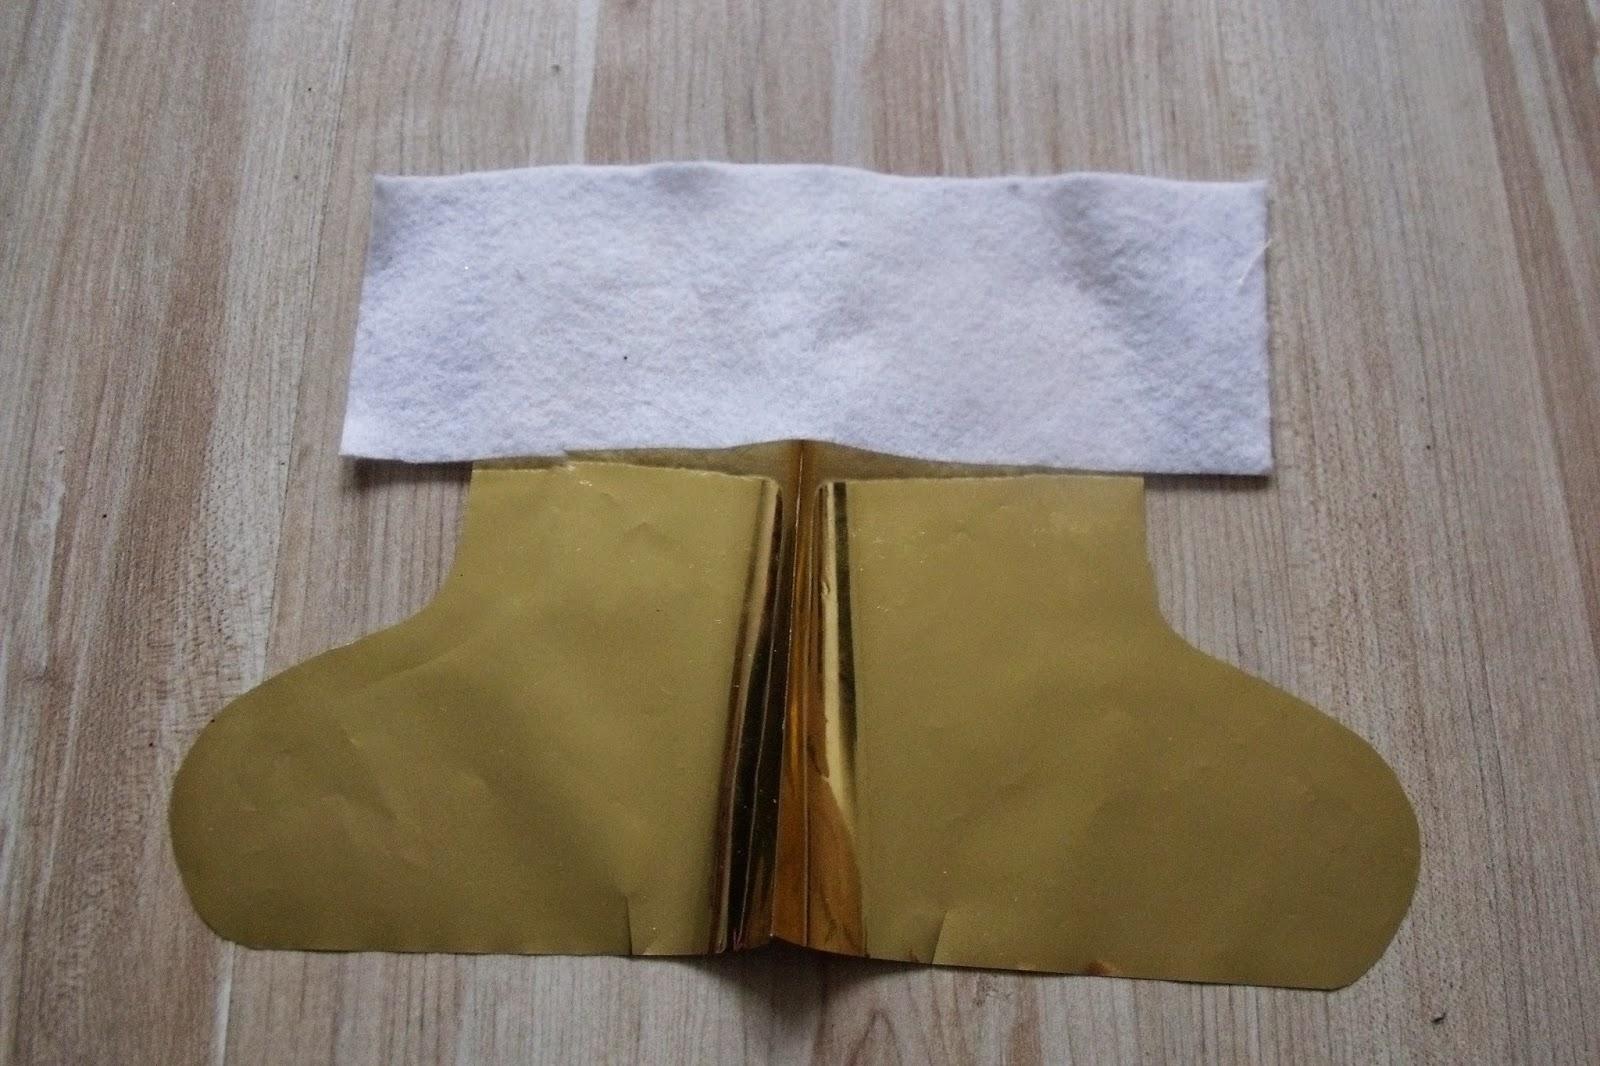 lili joue maman bricole 4 decembre chaussette de noel range couverts. Black Bedroom Furniture Sets. Home Design Ideas